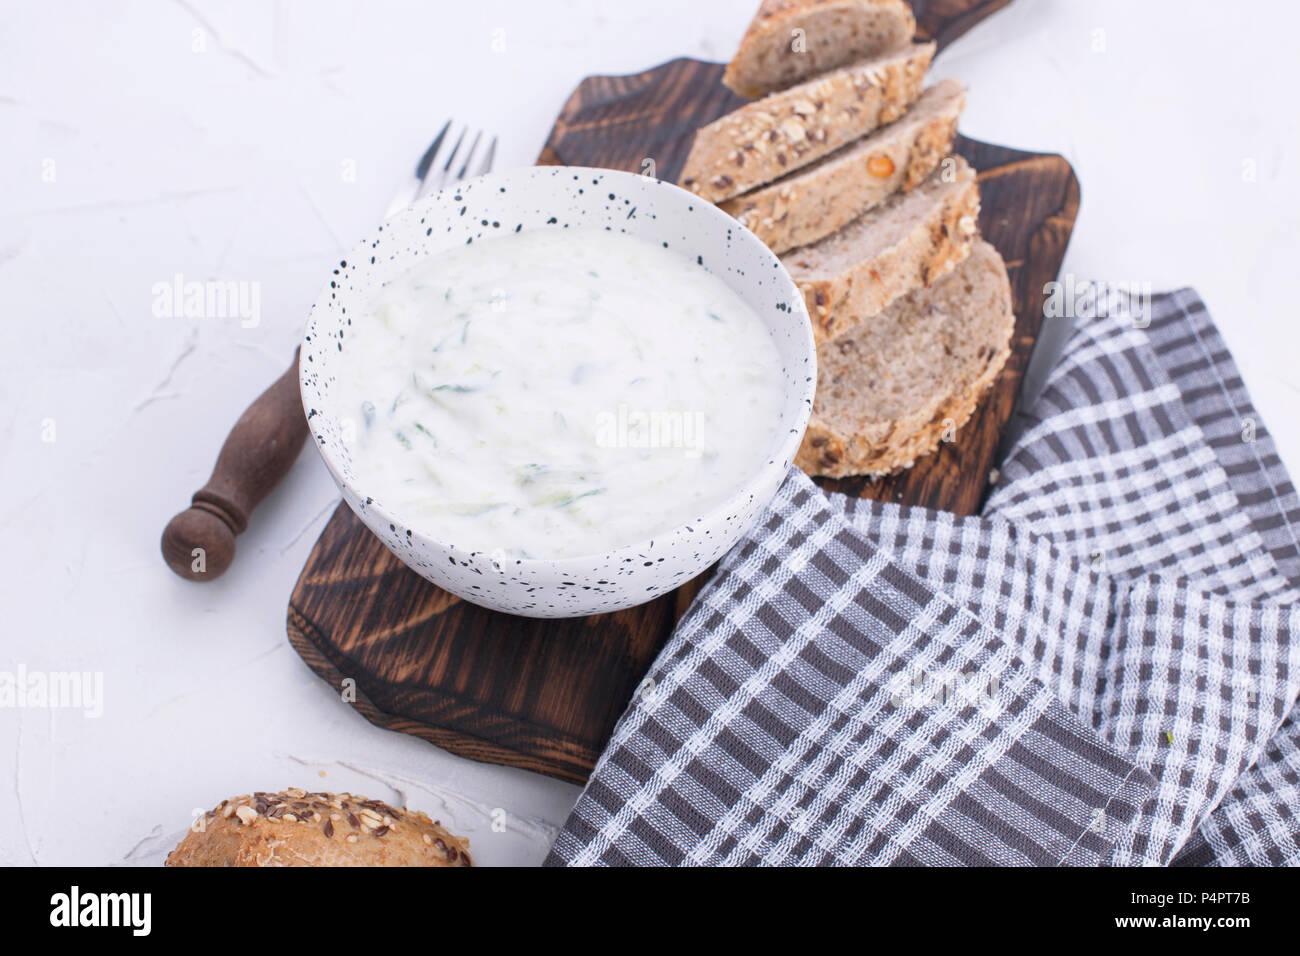 Yaourt au concombre. De dip frais taziki grec célèbre avec le concombre. pain frais, serviette et fond blanc. Copy space Photo Stock